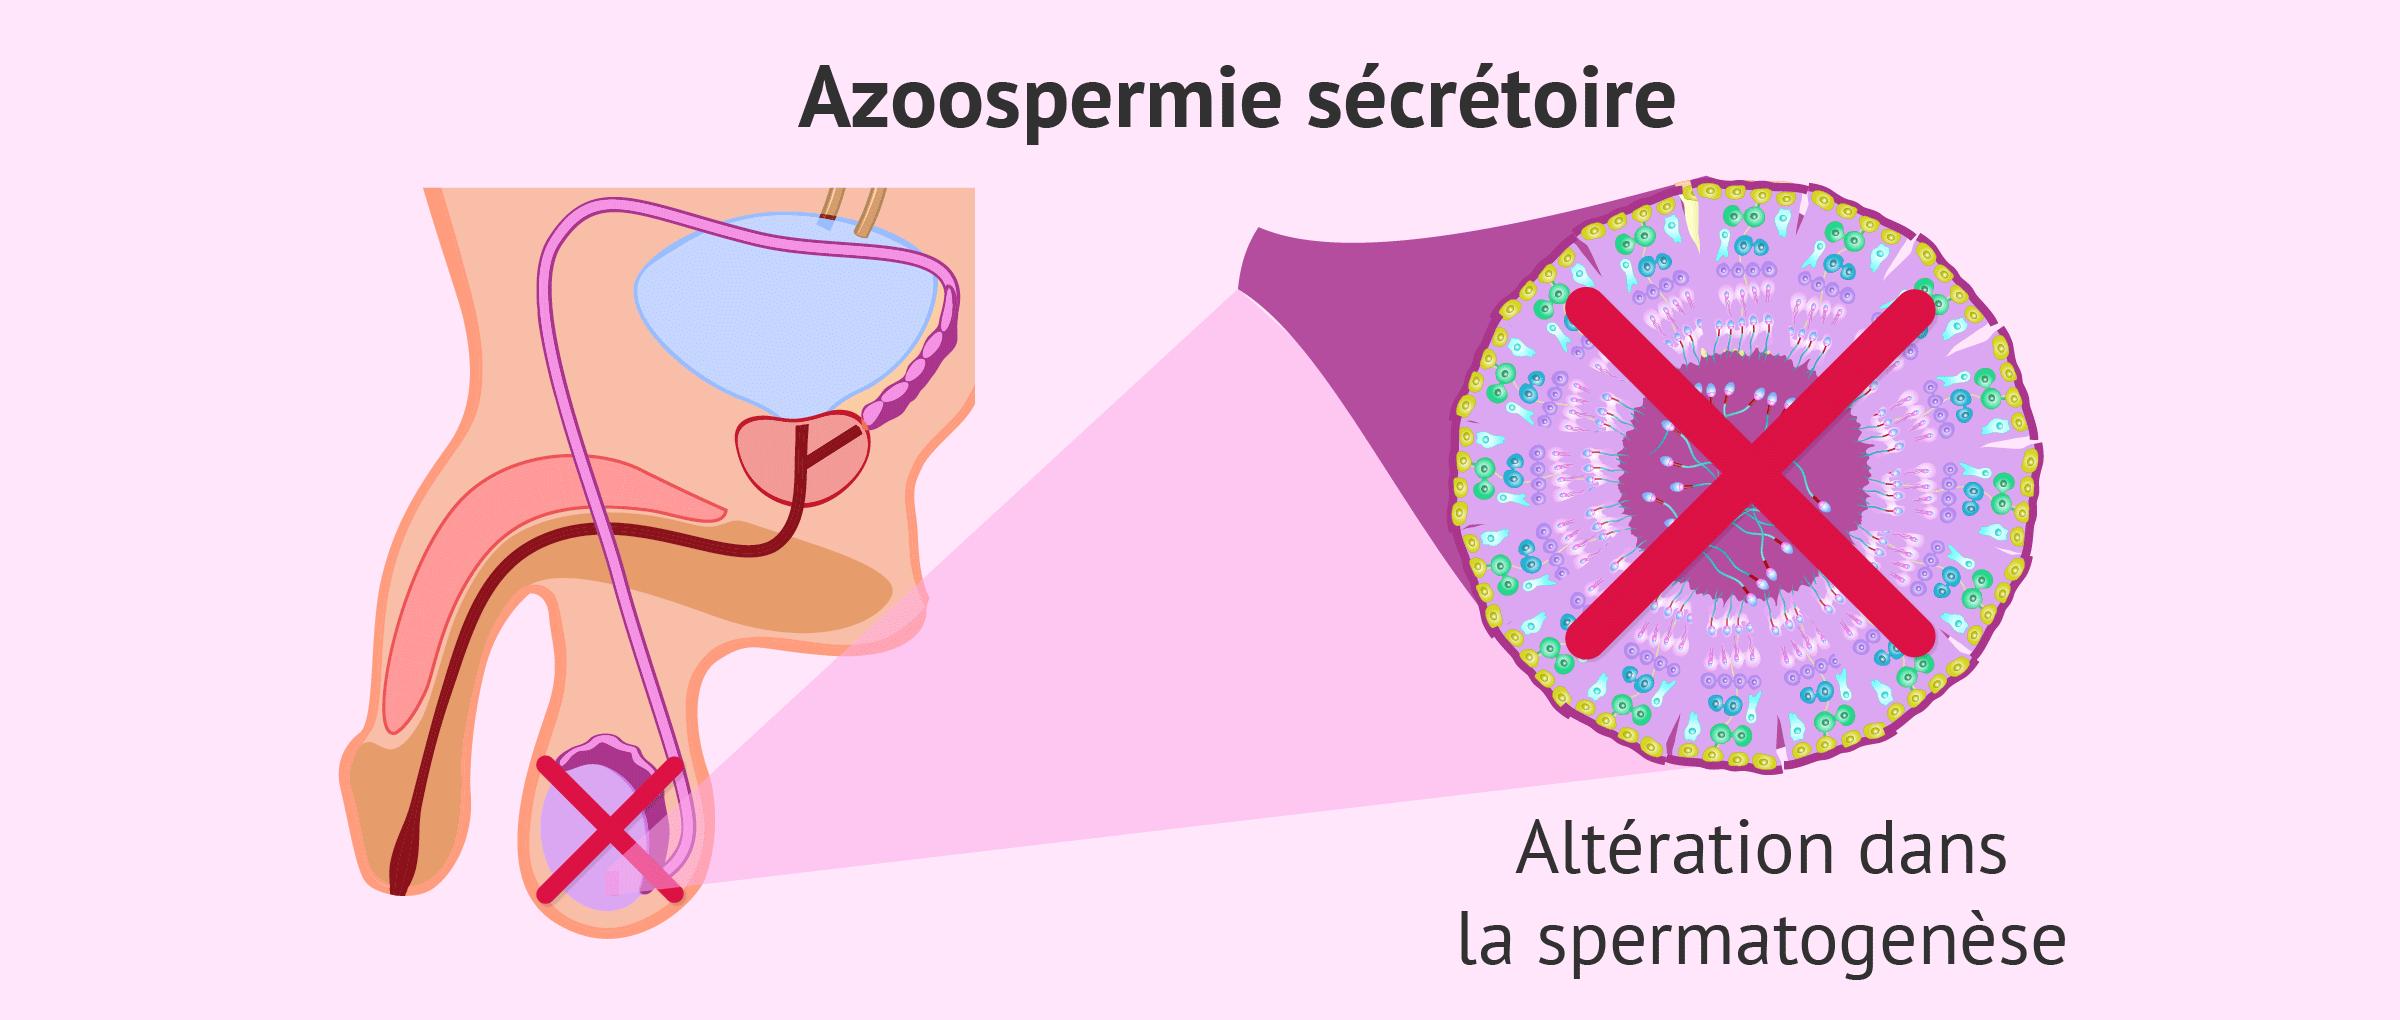 Les altérations qui empêchent la production de spermatozoïdes